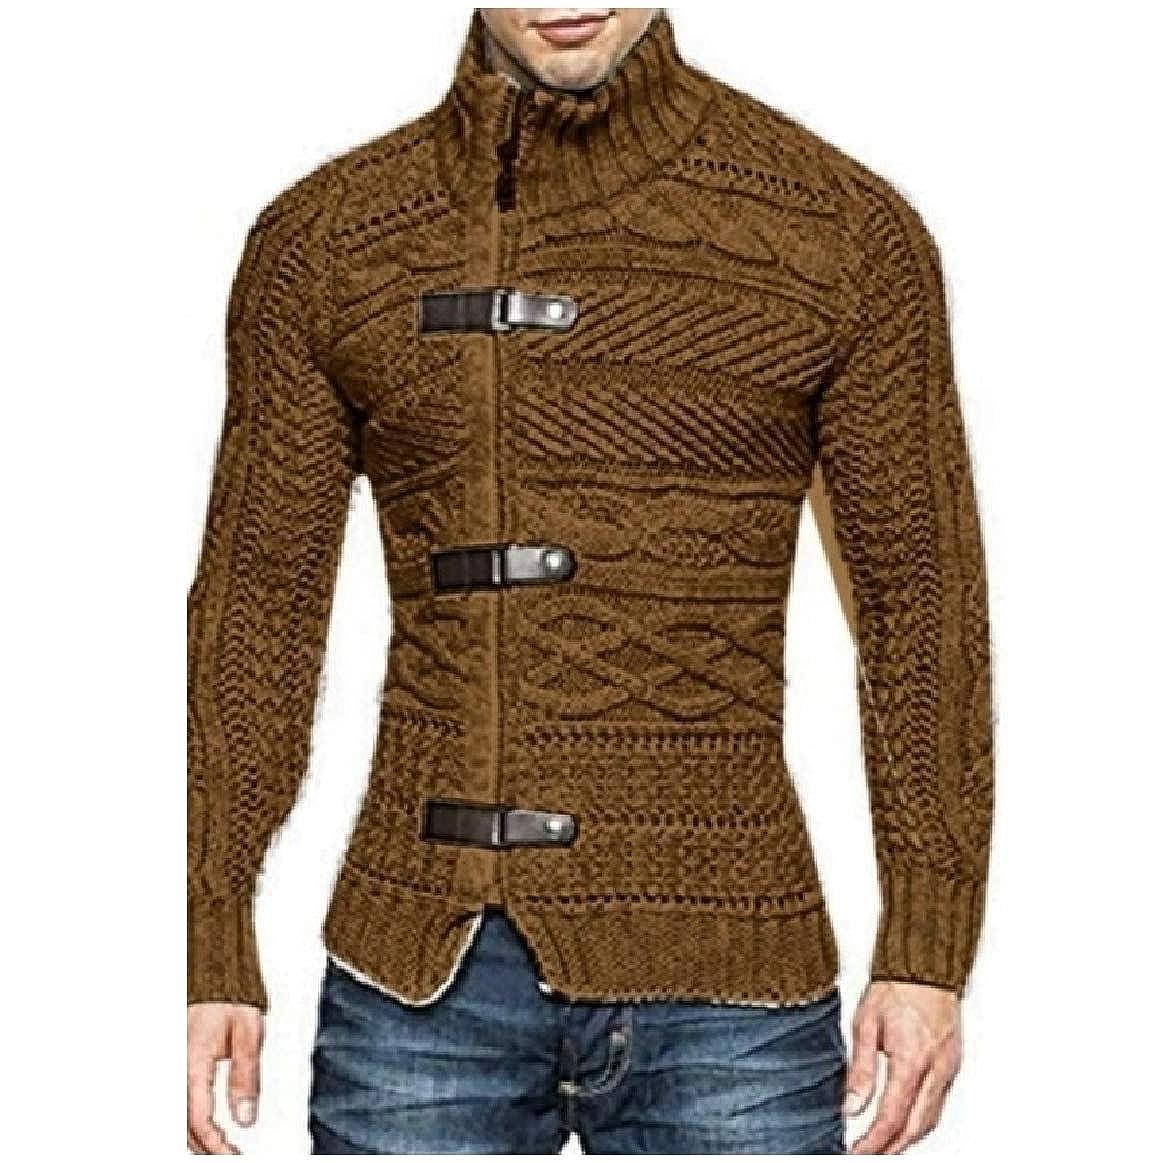 Sayah Mens Zipper Fall /& Winter Long-Sleeve Casual Turtleneck Sweaters